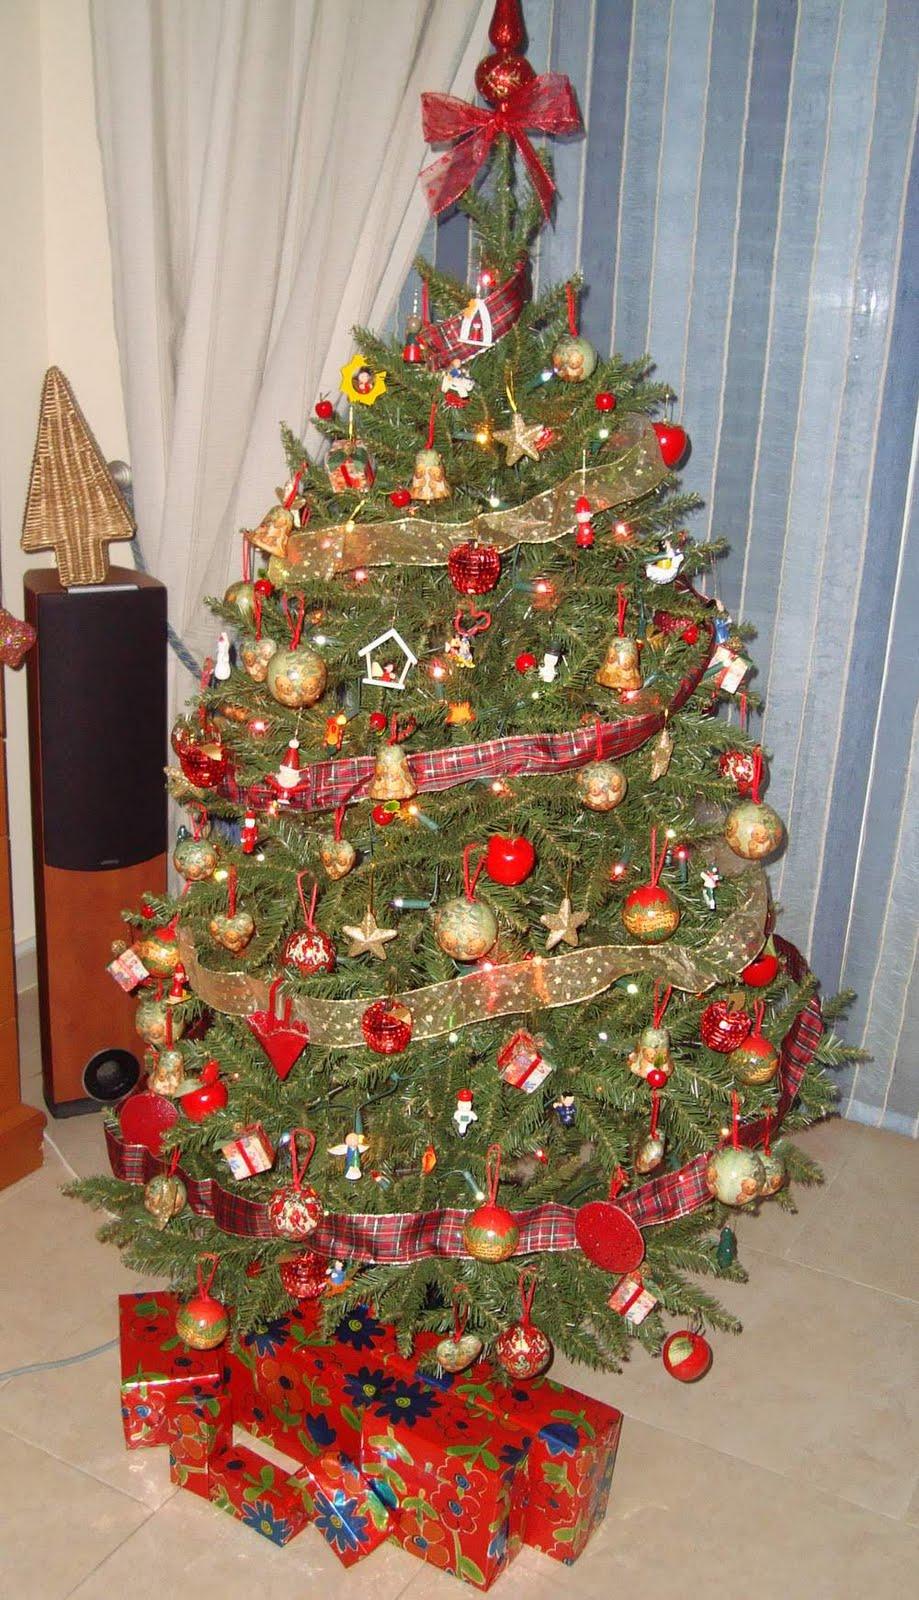 Como decorar un arbol de navidad moderno - Arbol navidad moderno ...